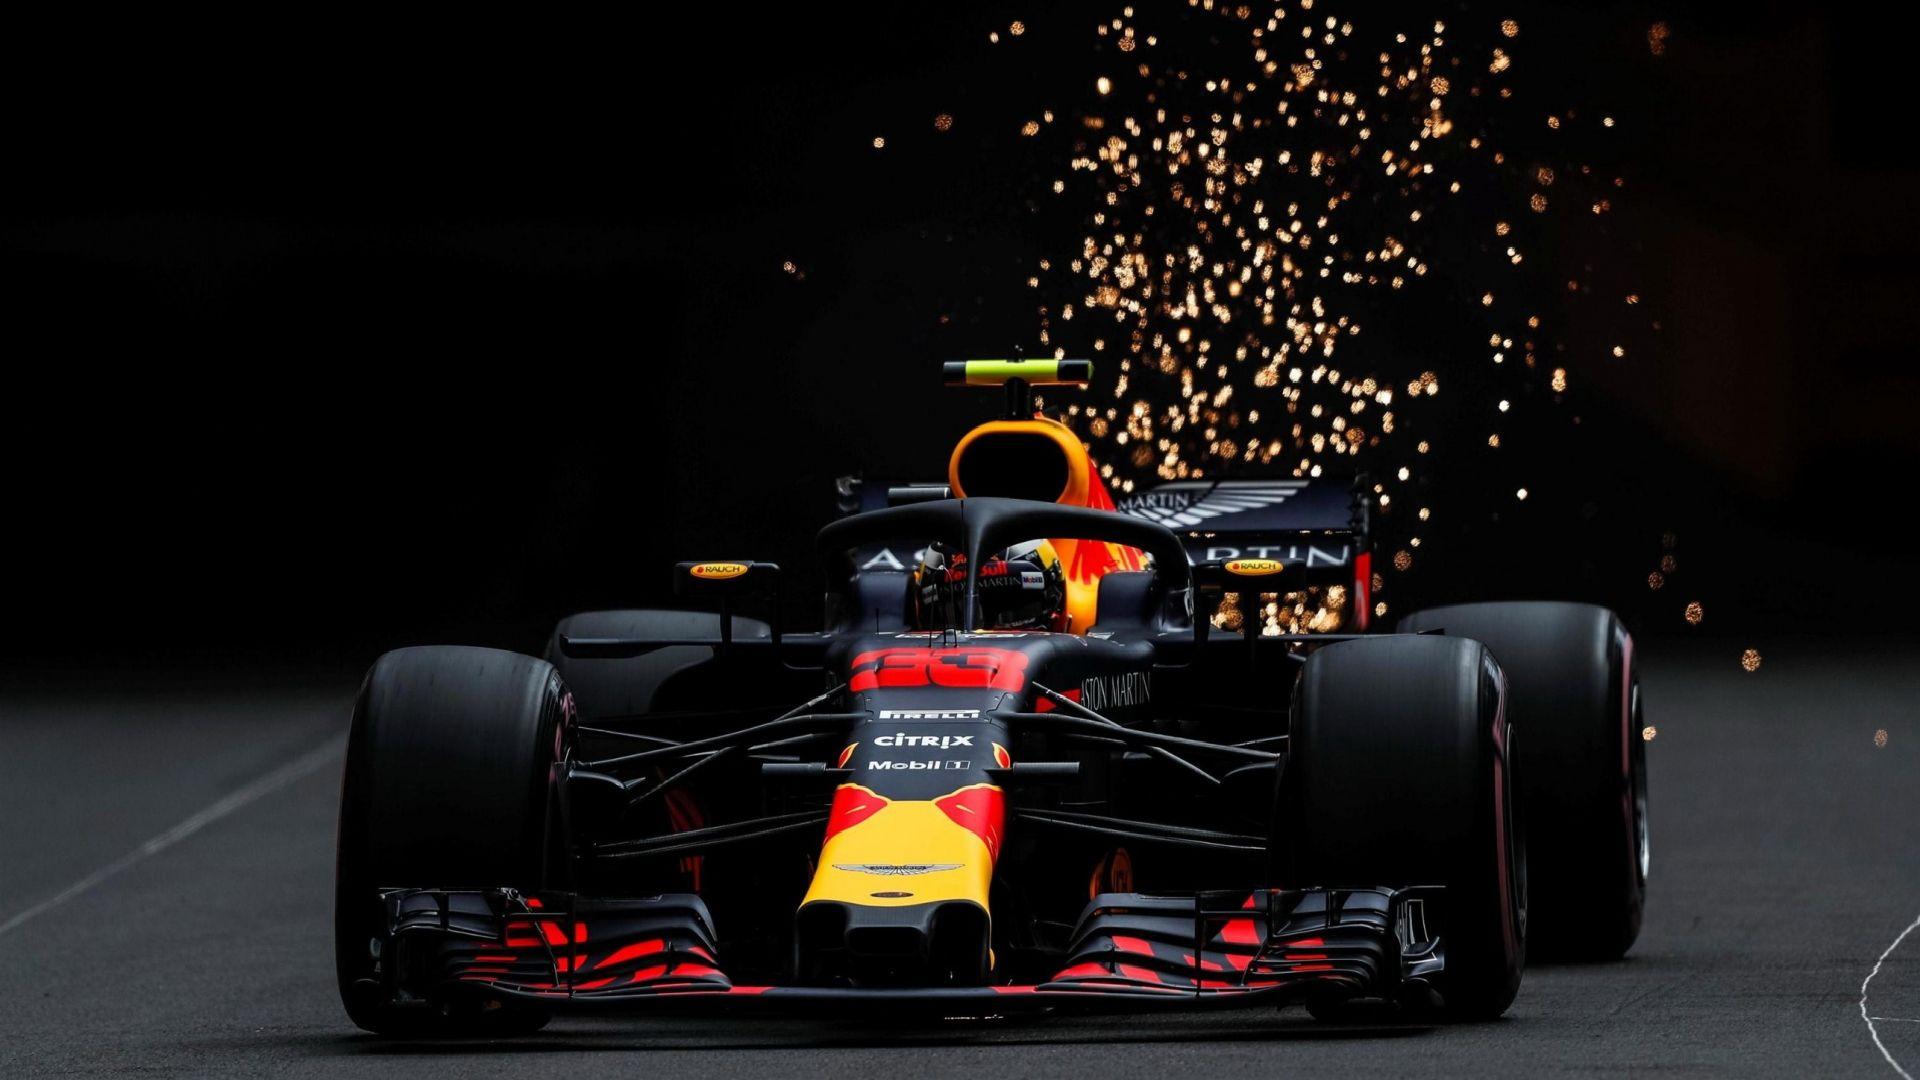 Formula 1 Wallpaper File Hd In 2020 Red Bull Racing Racing Formula 1